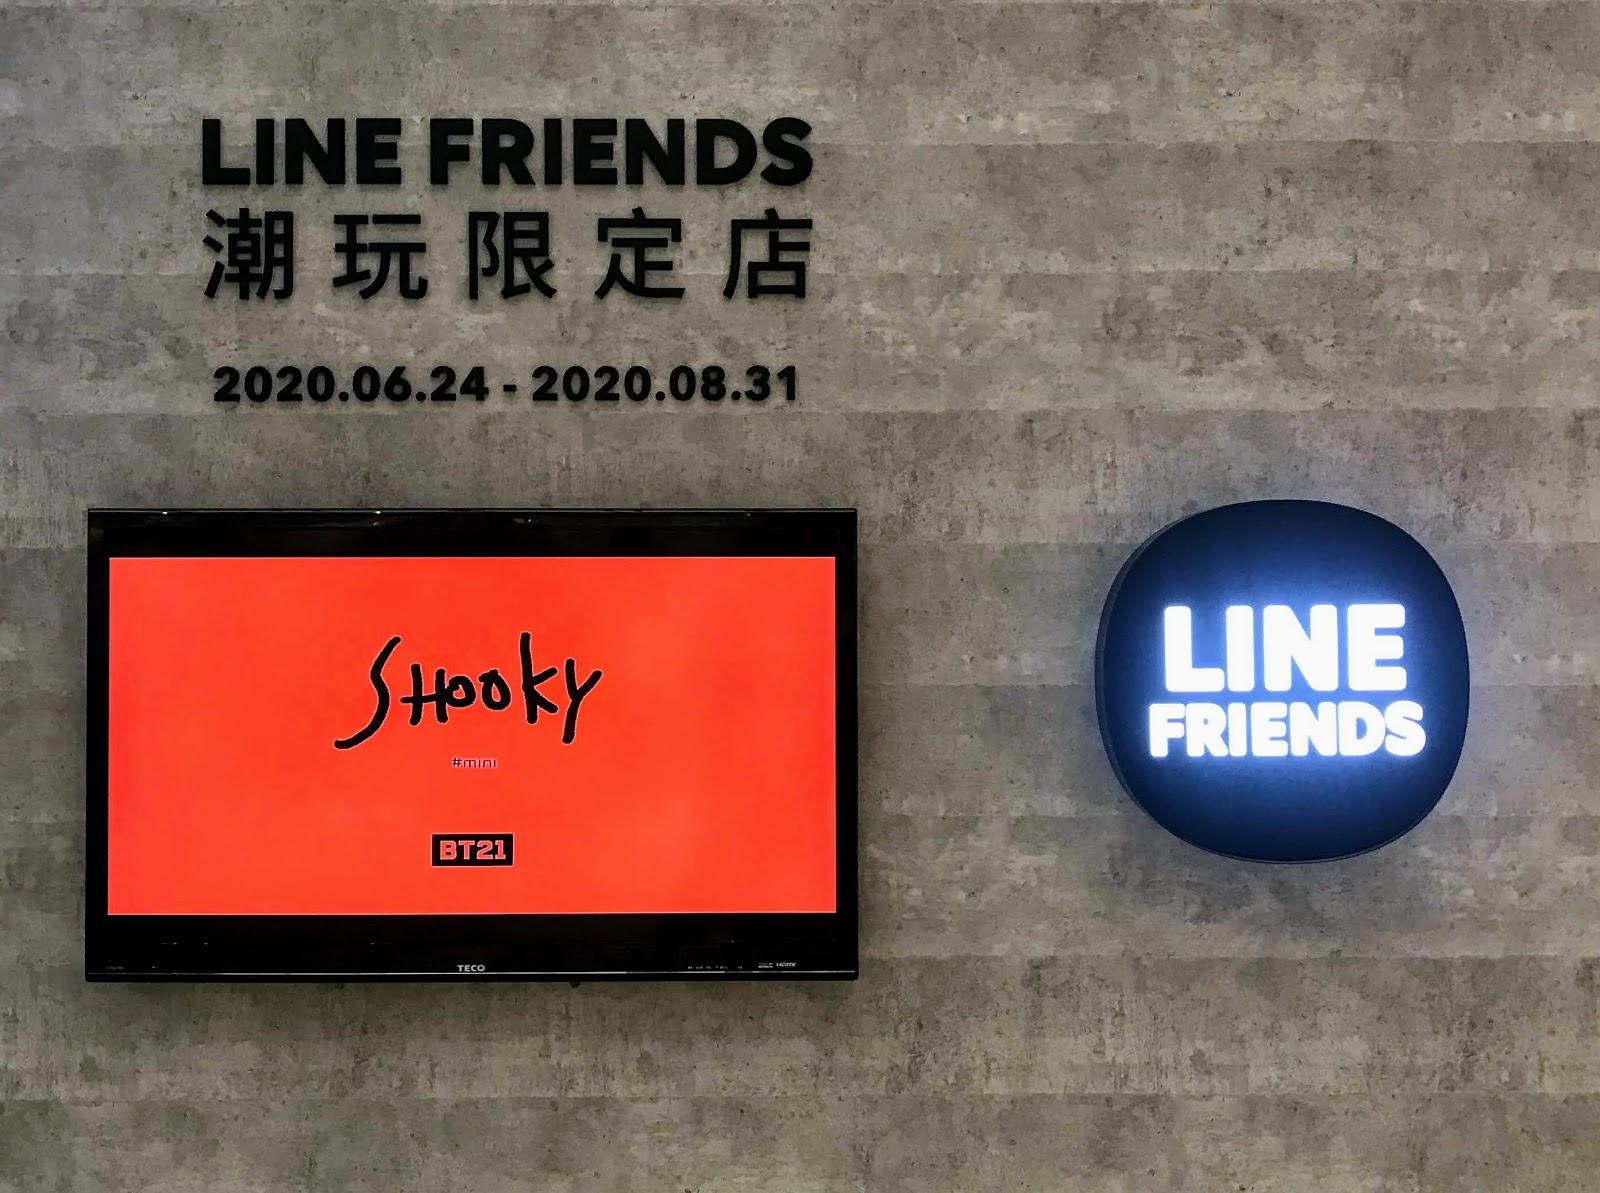 |LINE Friends 潮玩限定店|有冷氣的遛小孩好去處|購物網美拍照打卡一次滿足|暑假限定